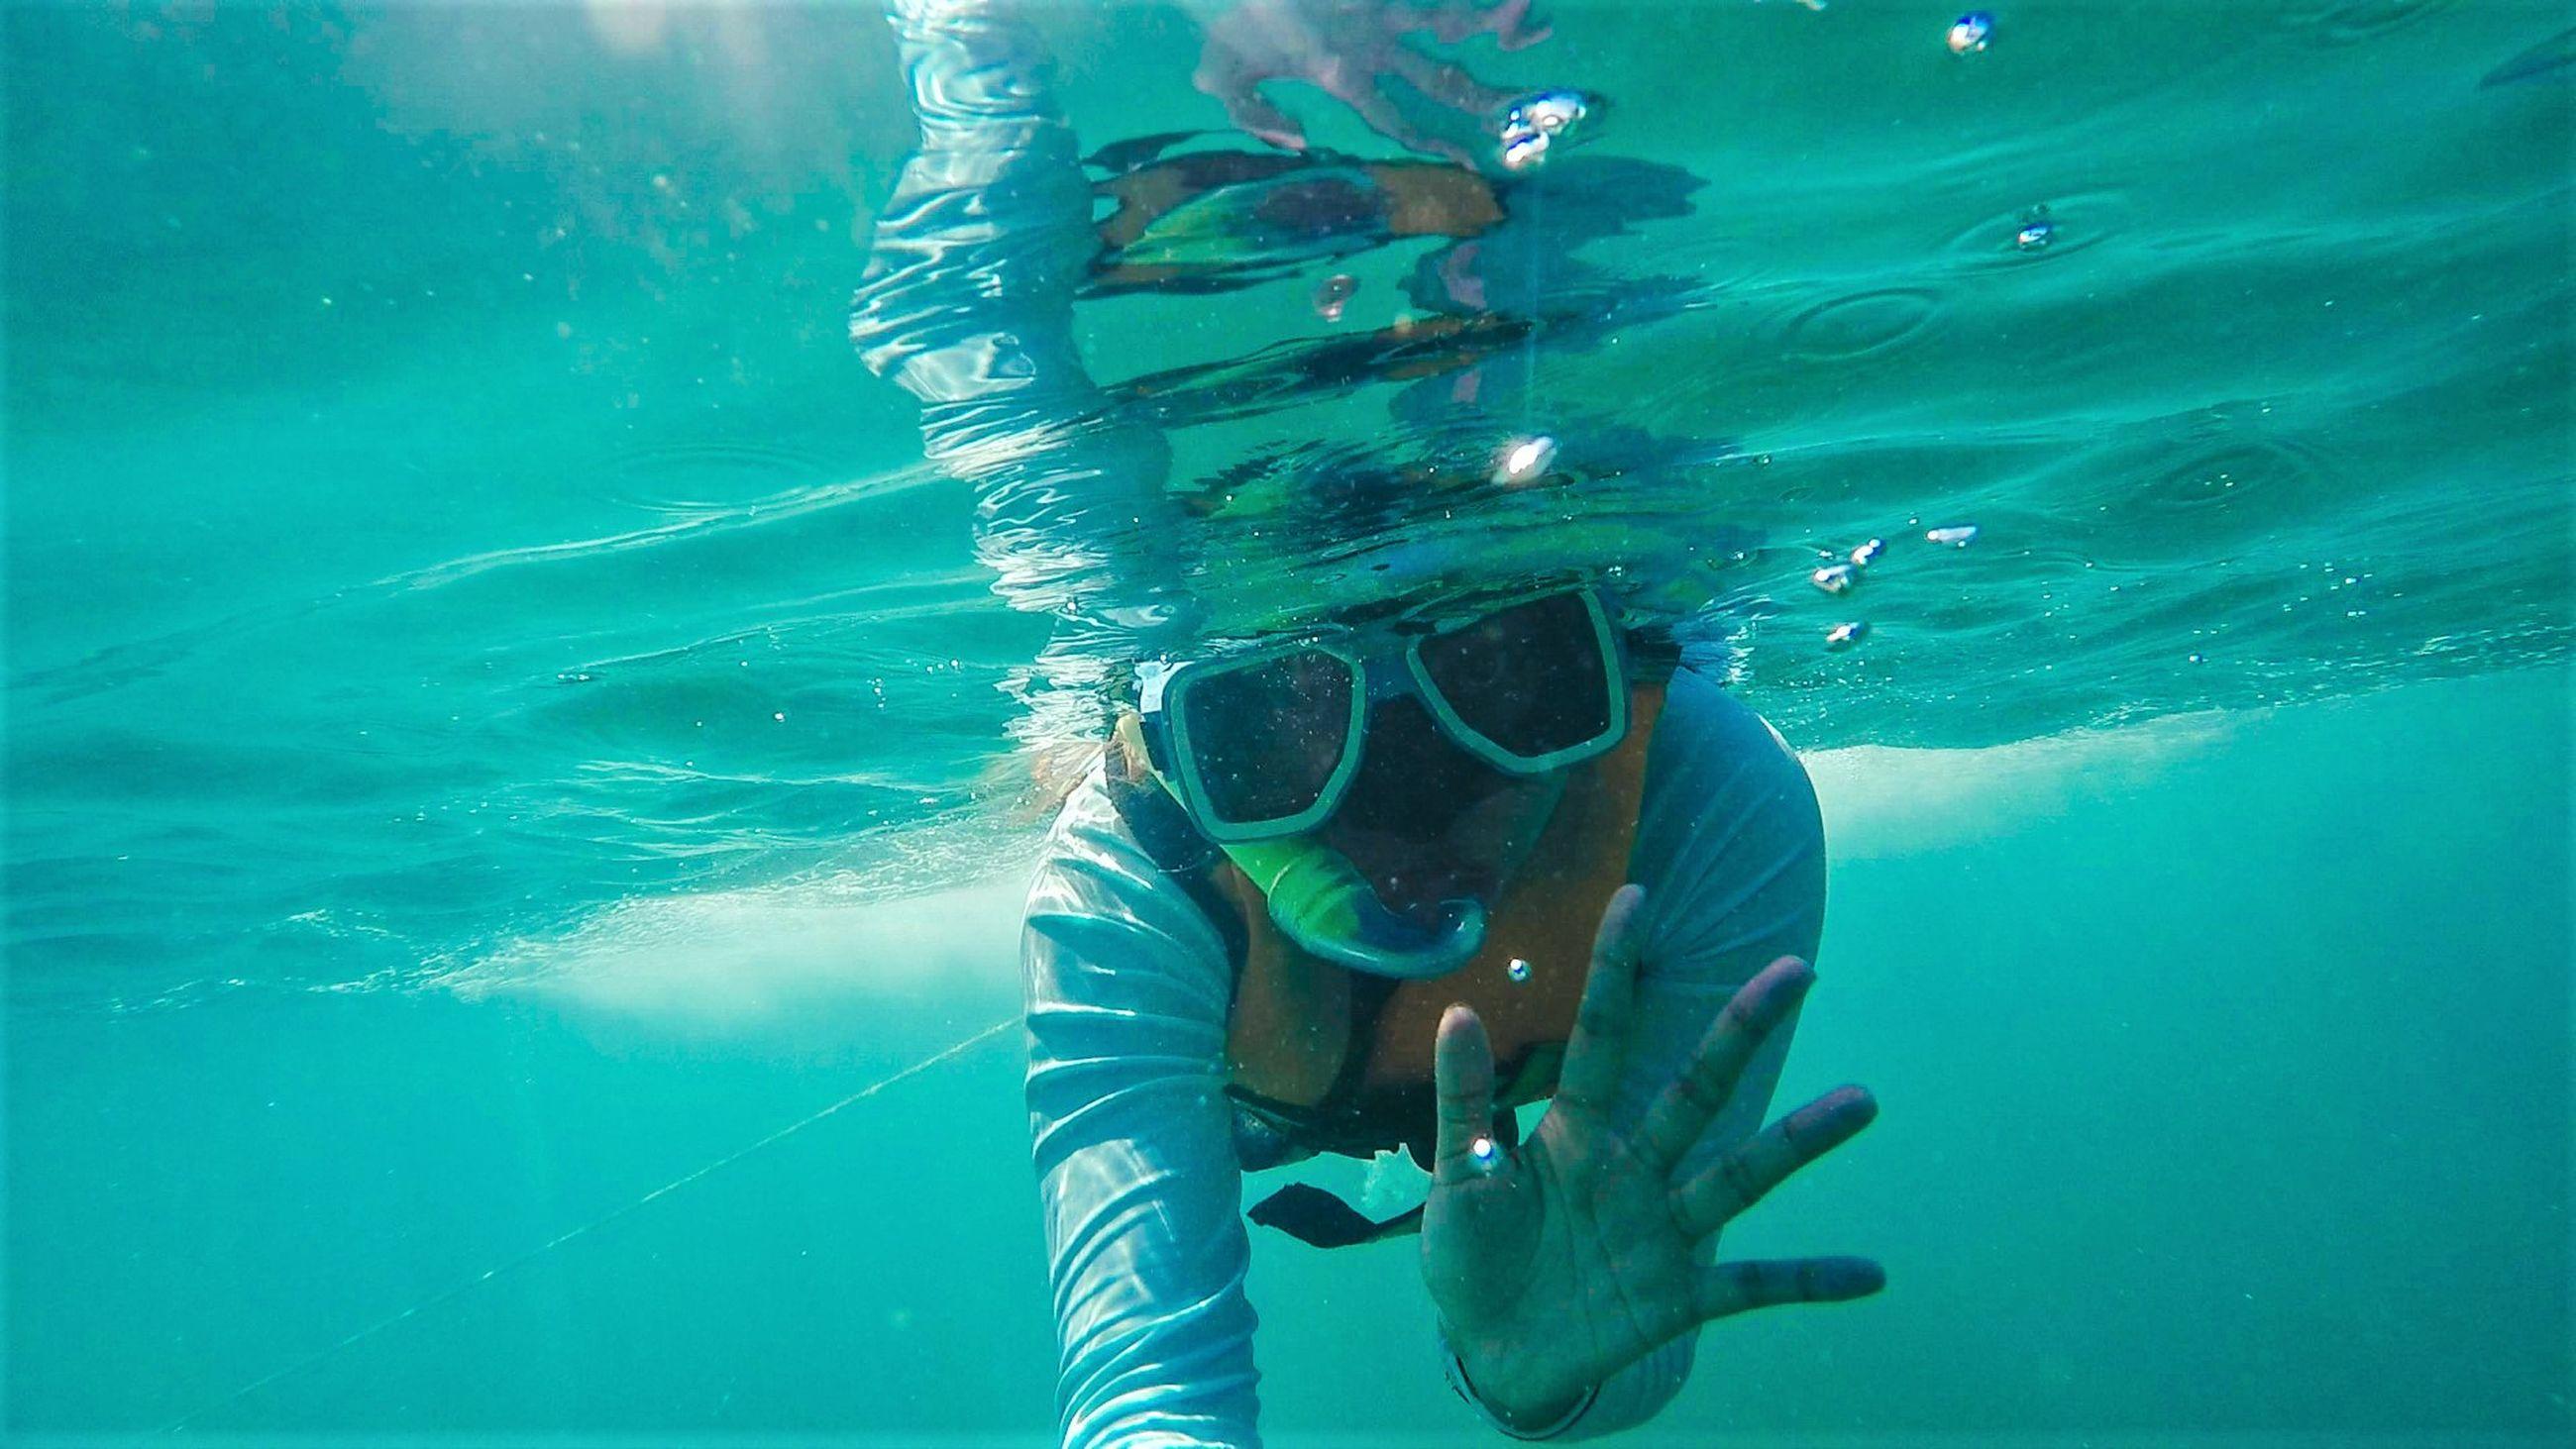 Portrait of person scuba diving in sea